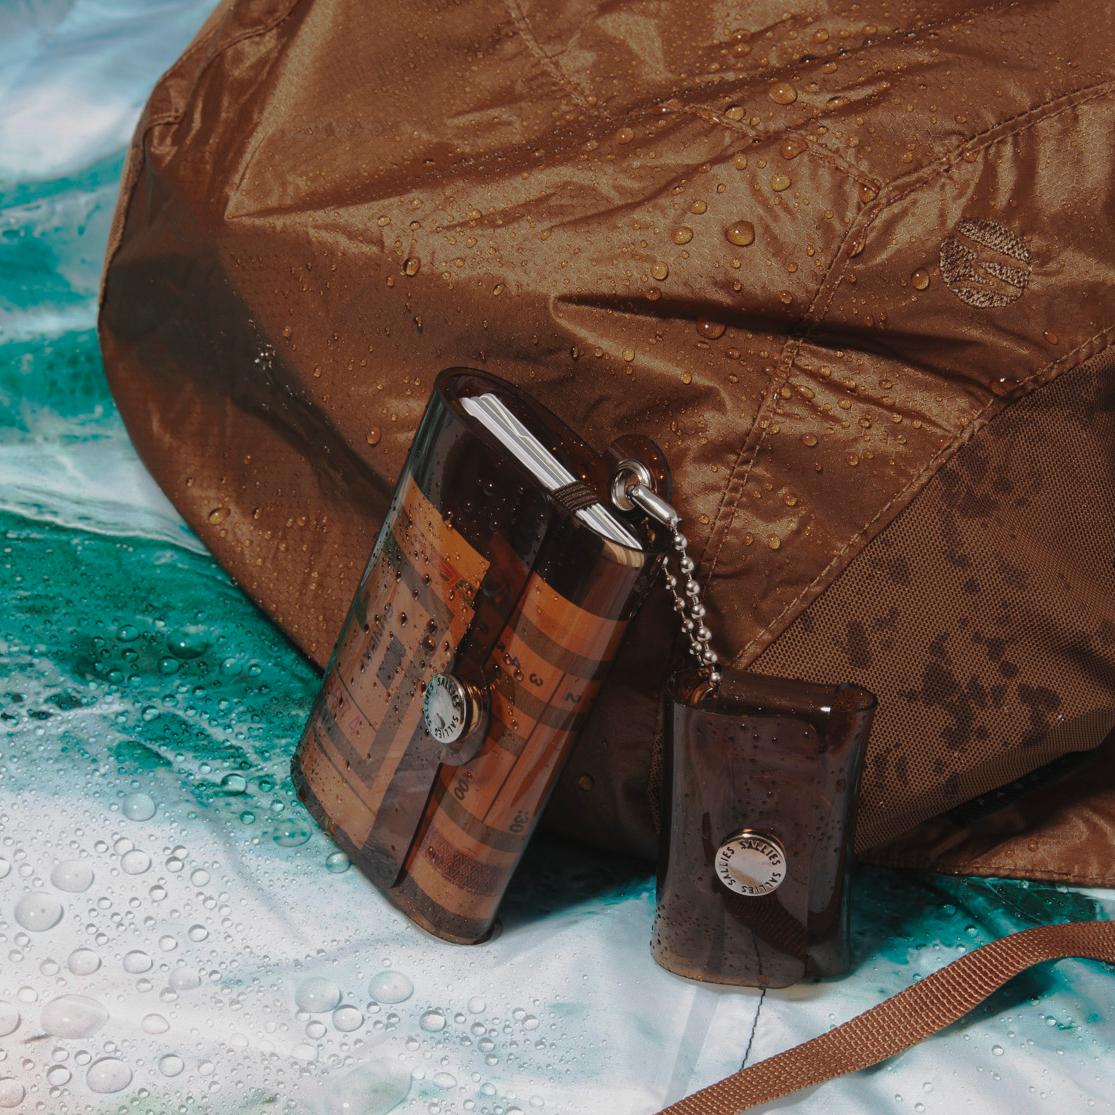 生地の裏側まで水を通さない高耐水性&高強度の素材「30D Cordura」。軽くて強靭なパラシュートと同じ素材のバックパック|Matador freefly16